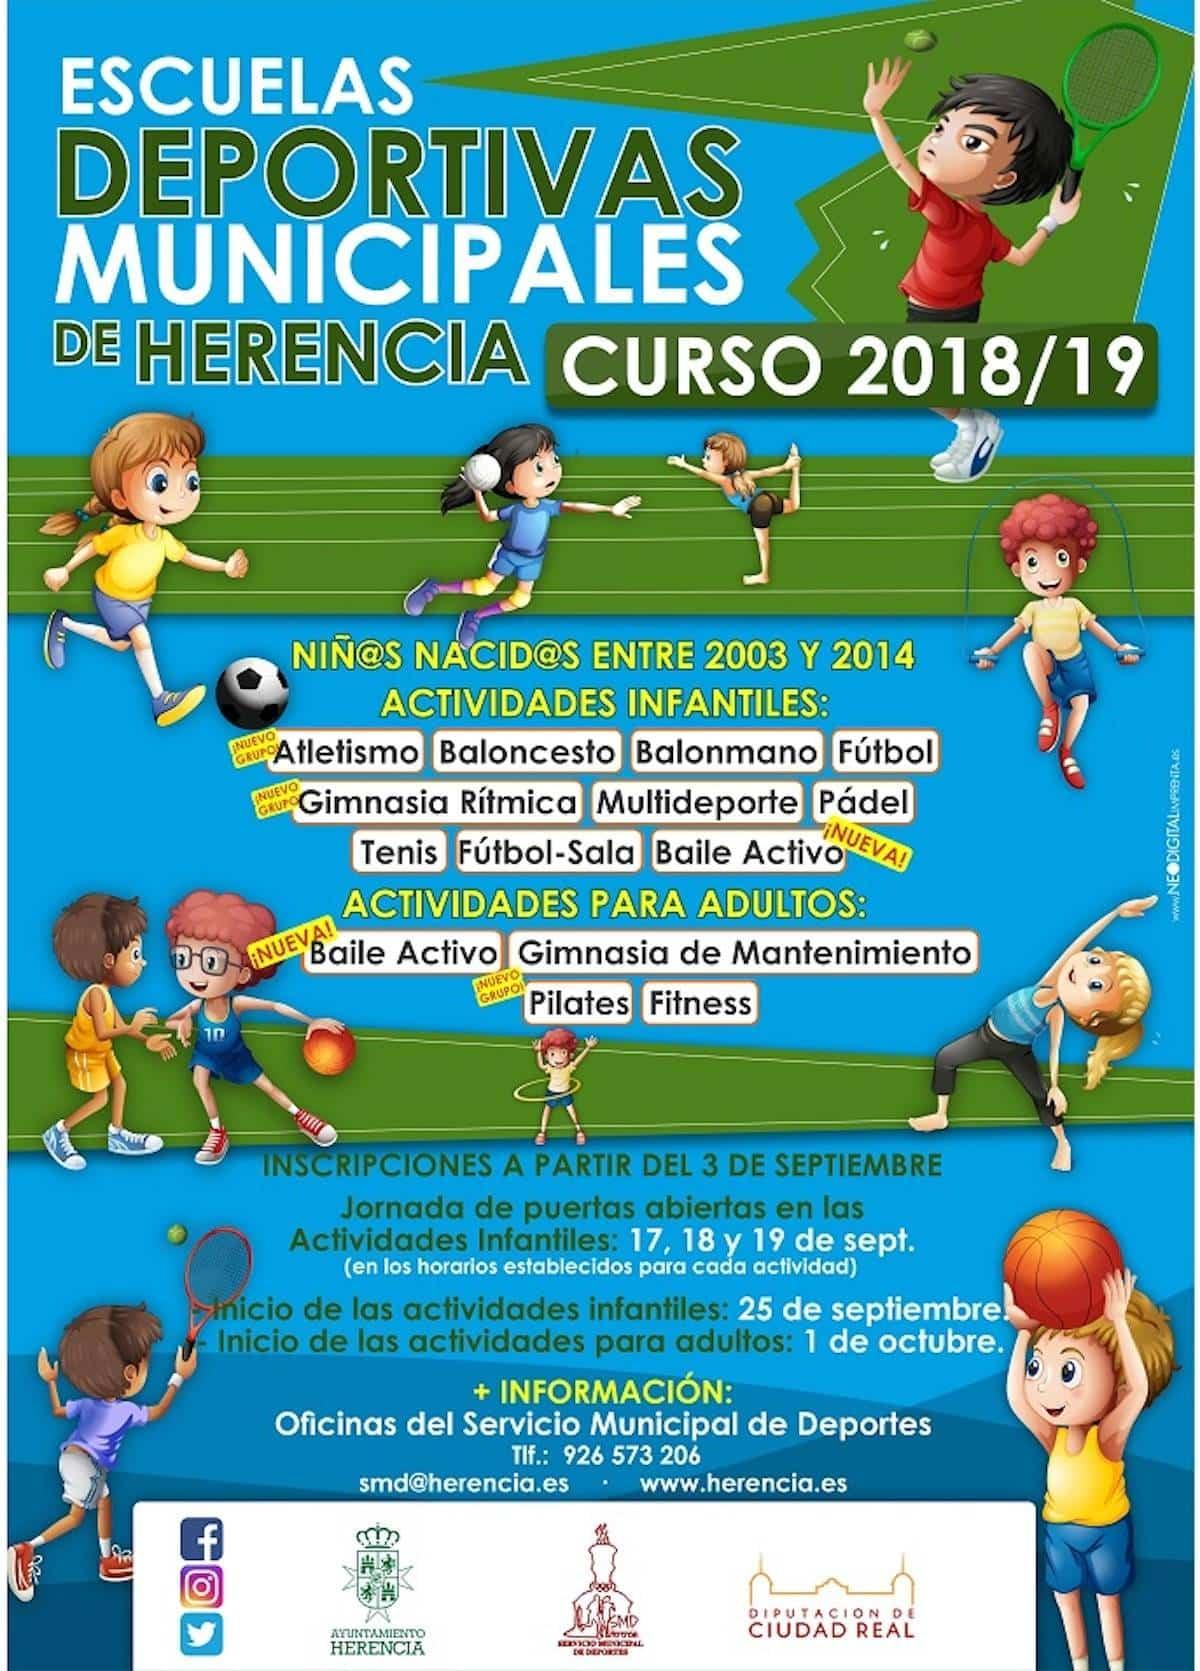 Las Escuelas Deportivas Municipales de Herencia abren su plazo de inscripción 3